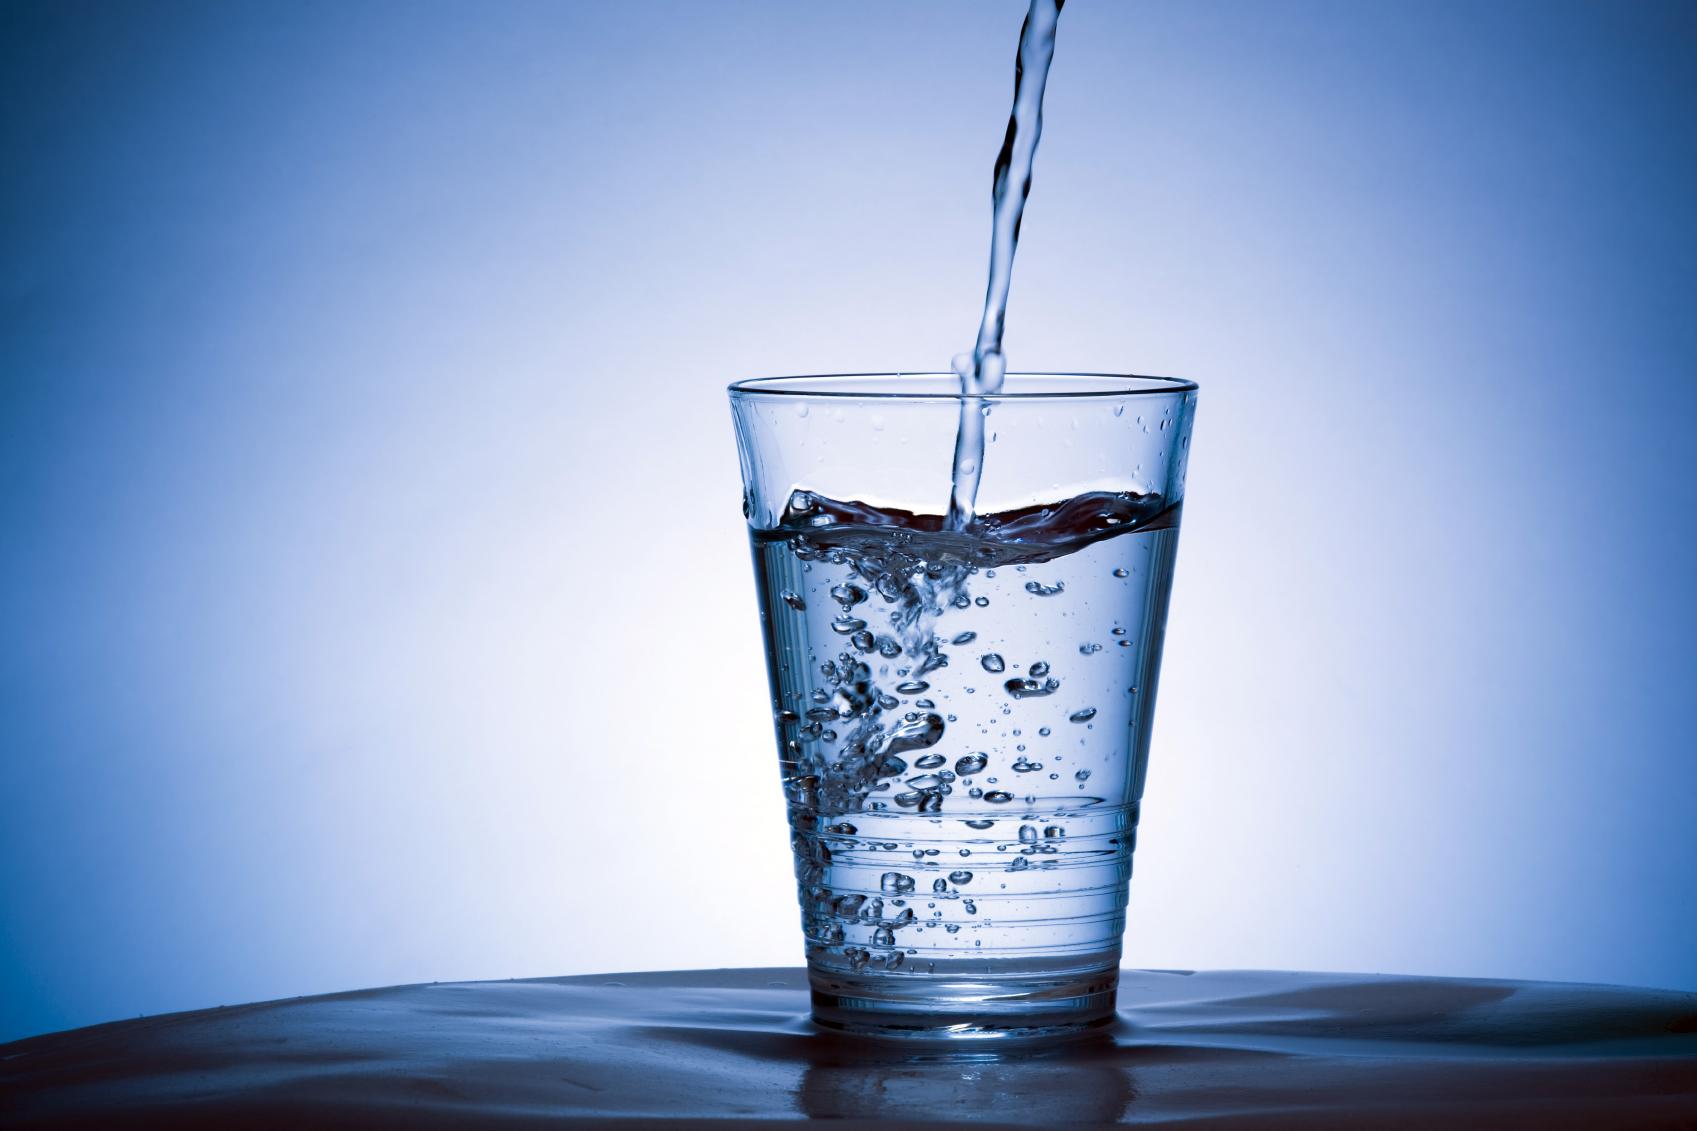 Água no copo